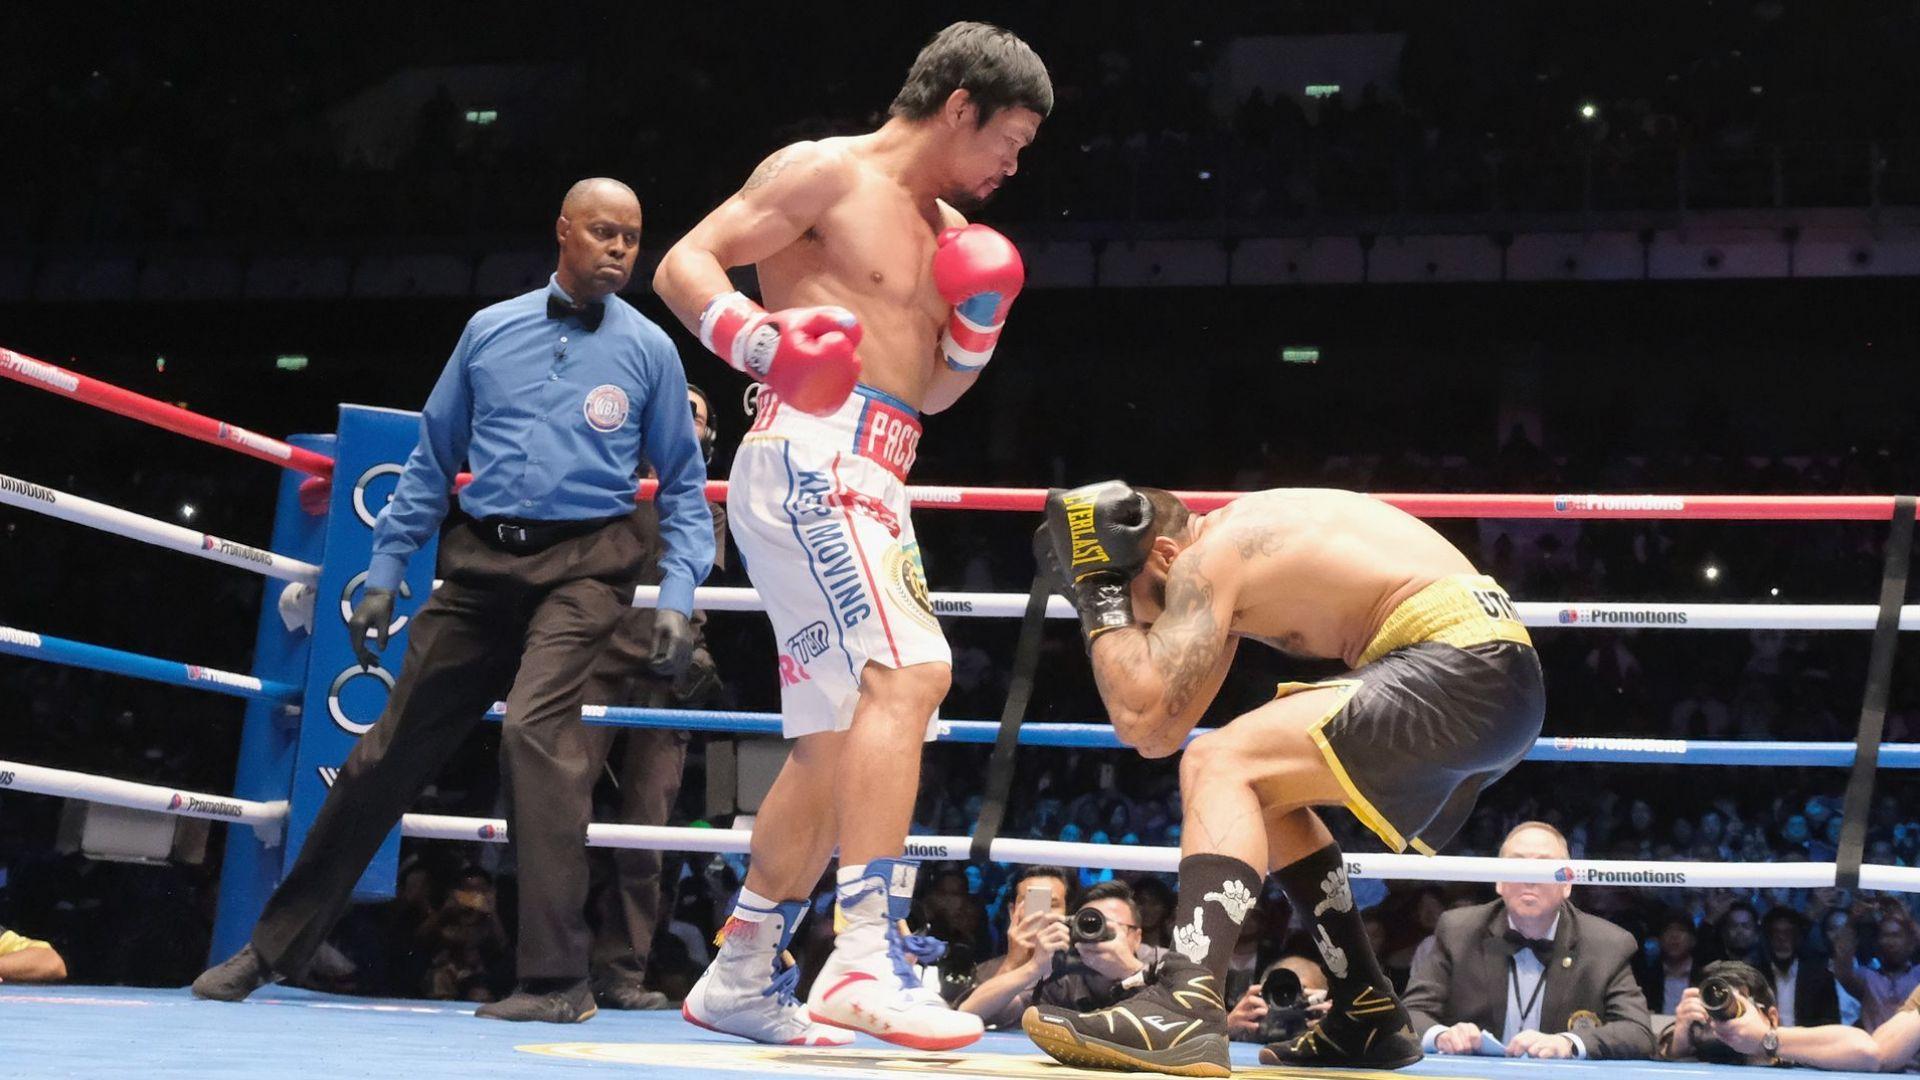 Големият Мани Пакиао взе нова титла с първи нокаут от 9 години